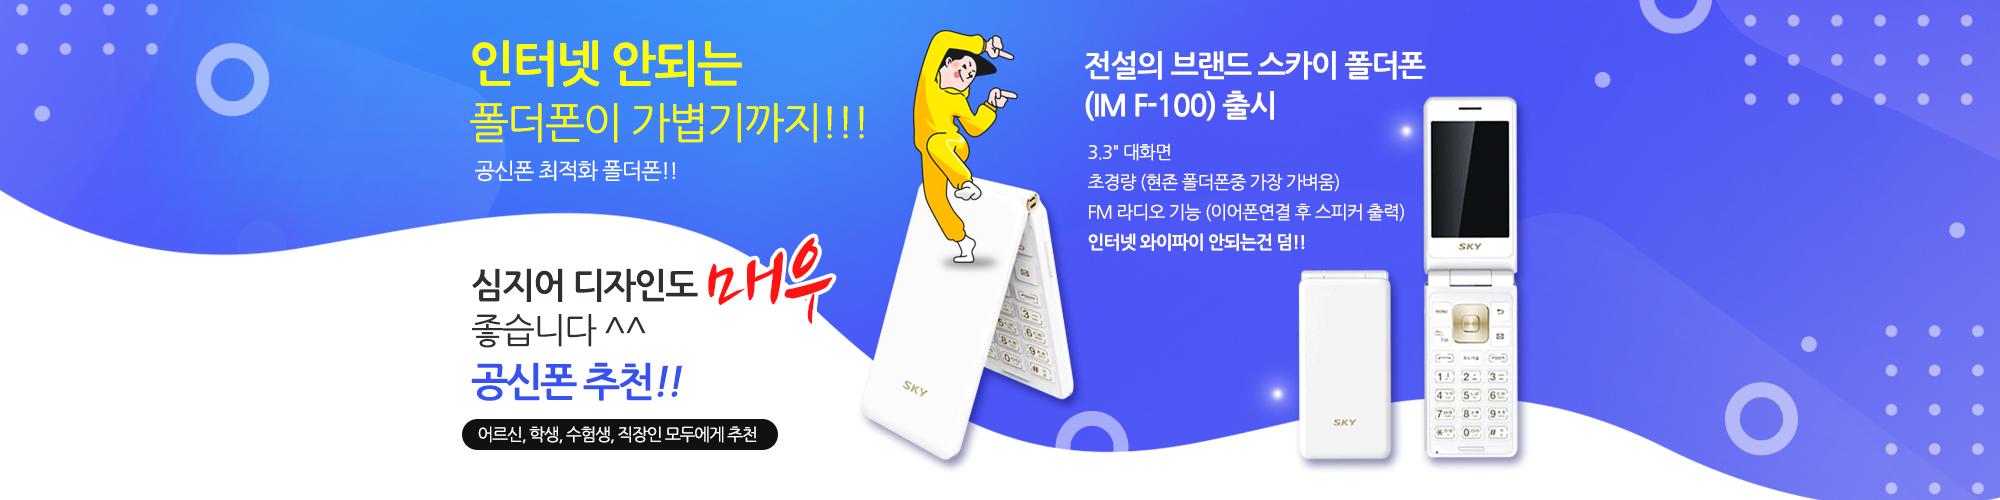 스카이 폴더 IM-F100